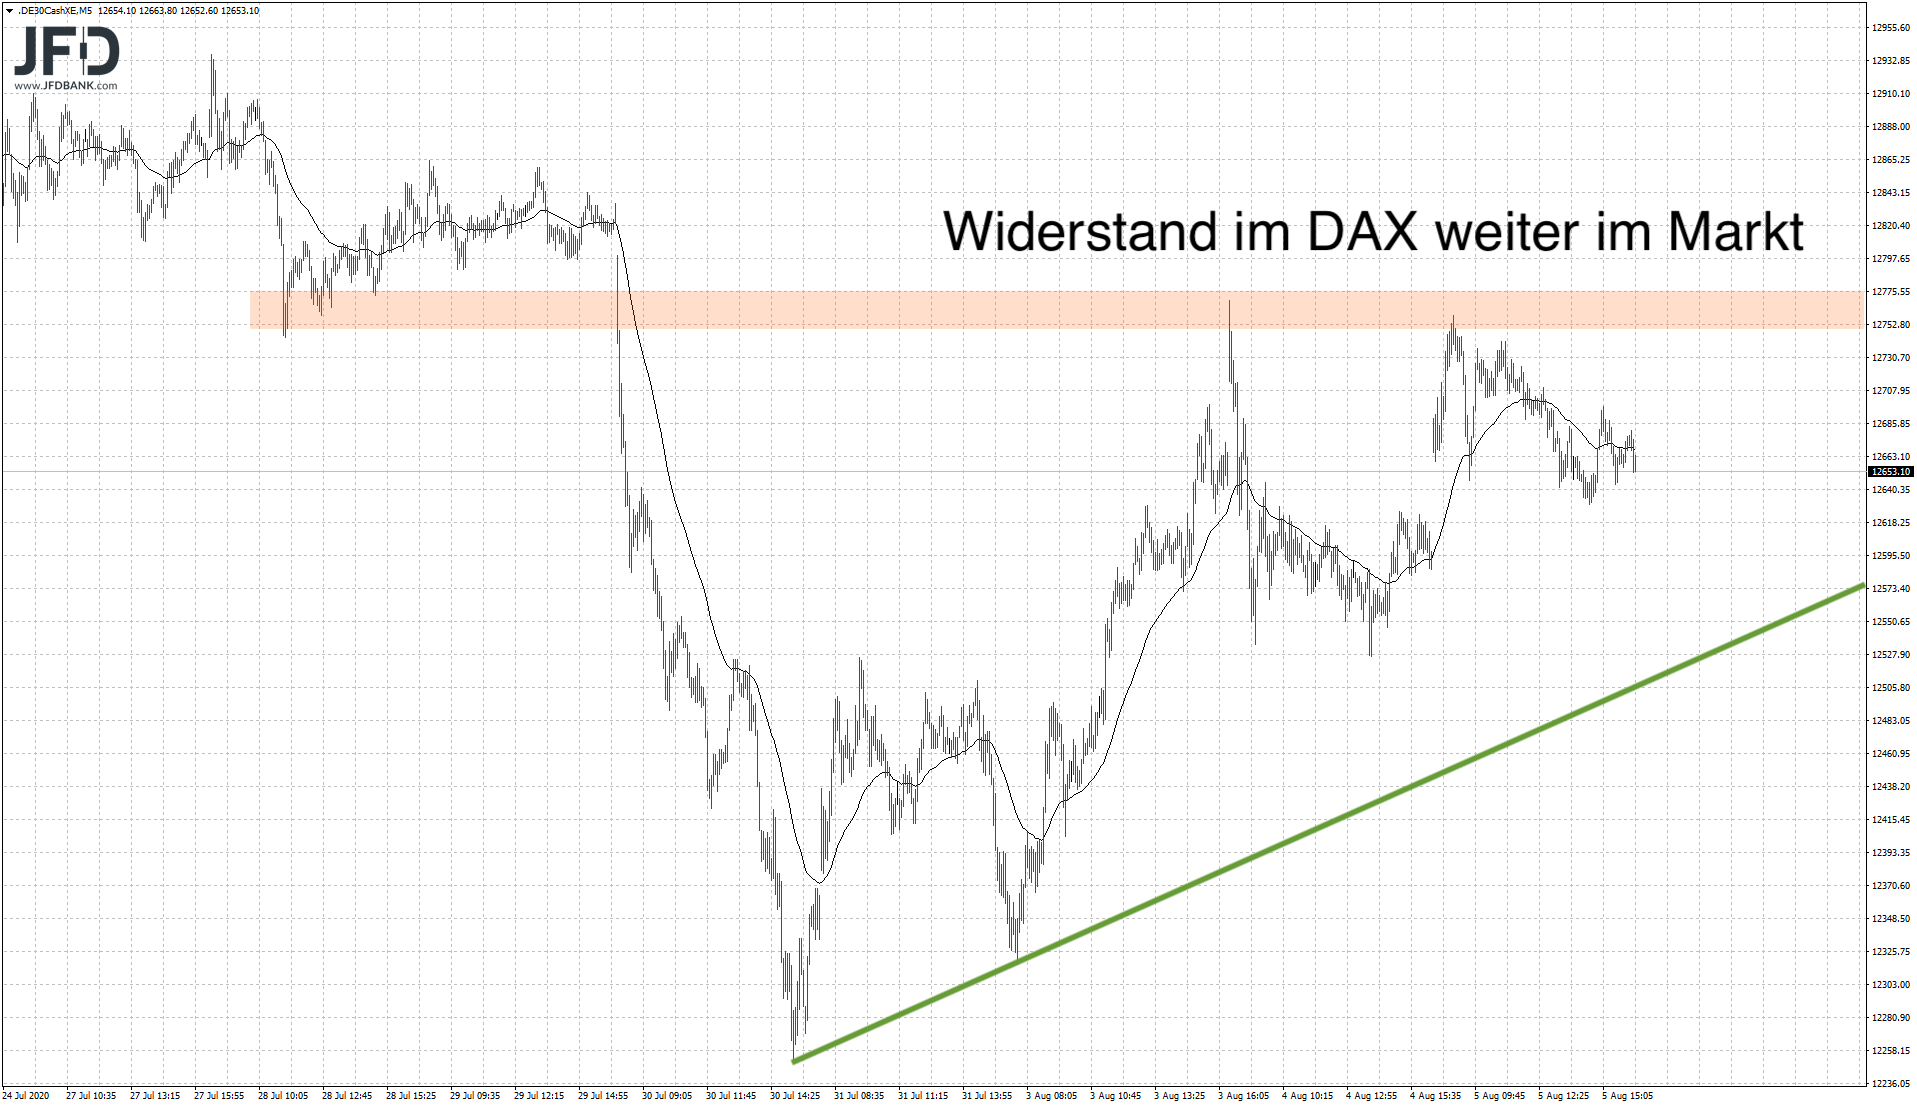 Trading-Chancen-am-DAX-Abwärtstrend-Kommentar-JFD-Bank-GodmodeTrader.de-5